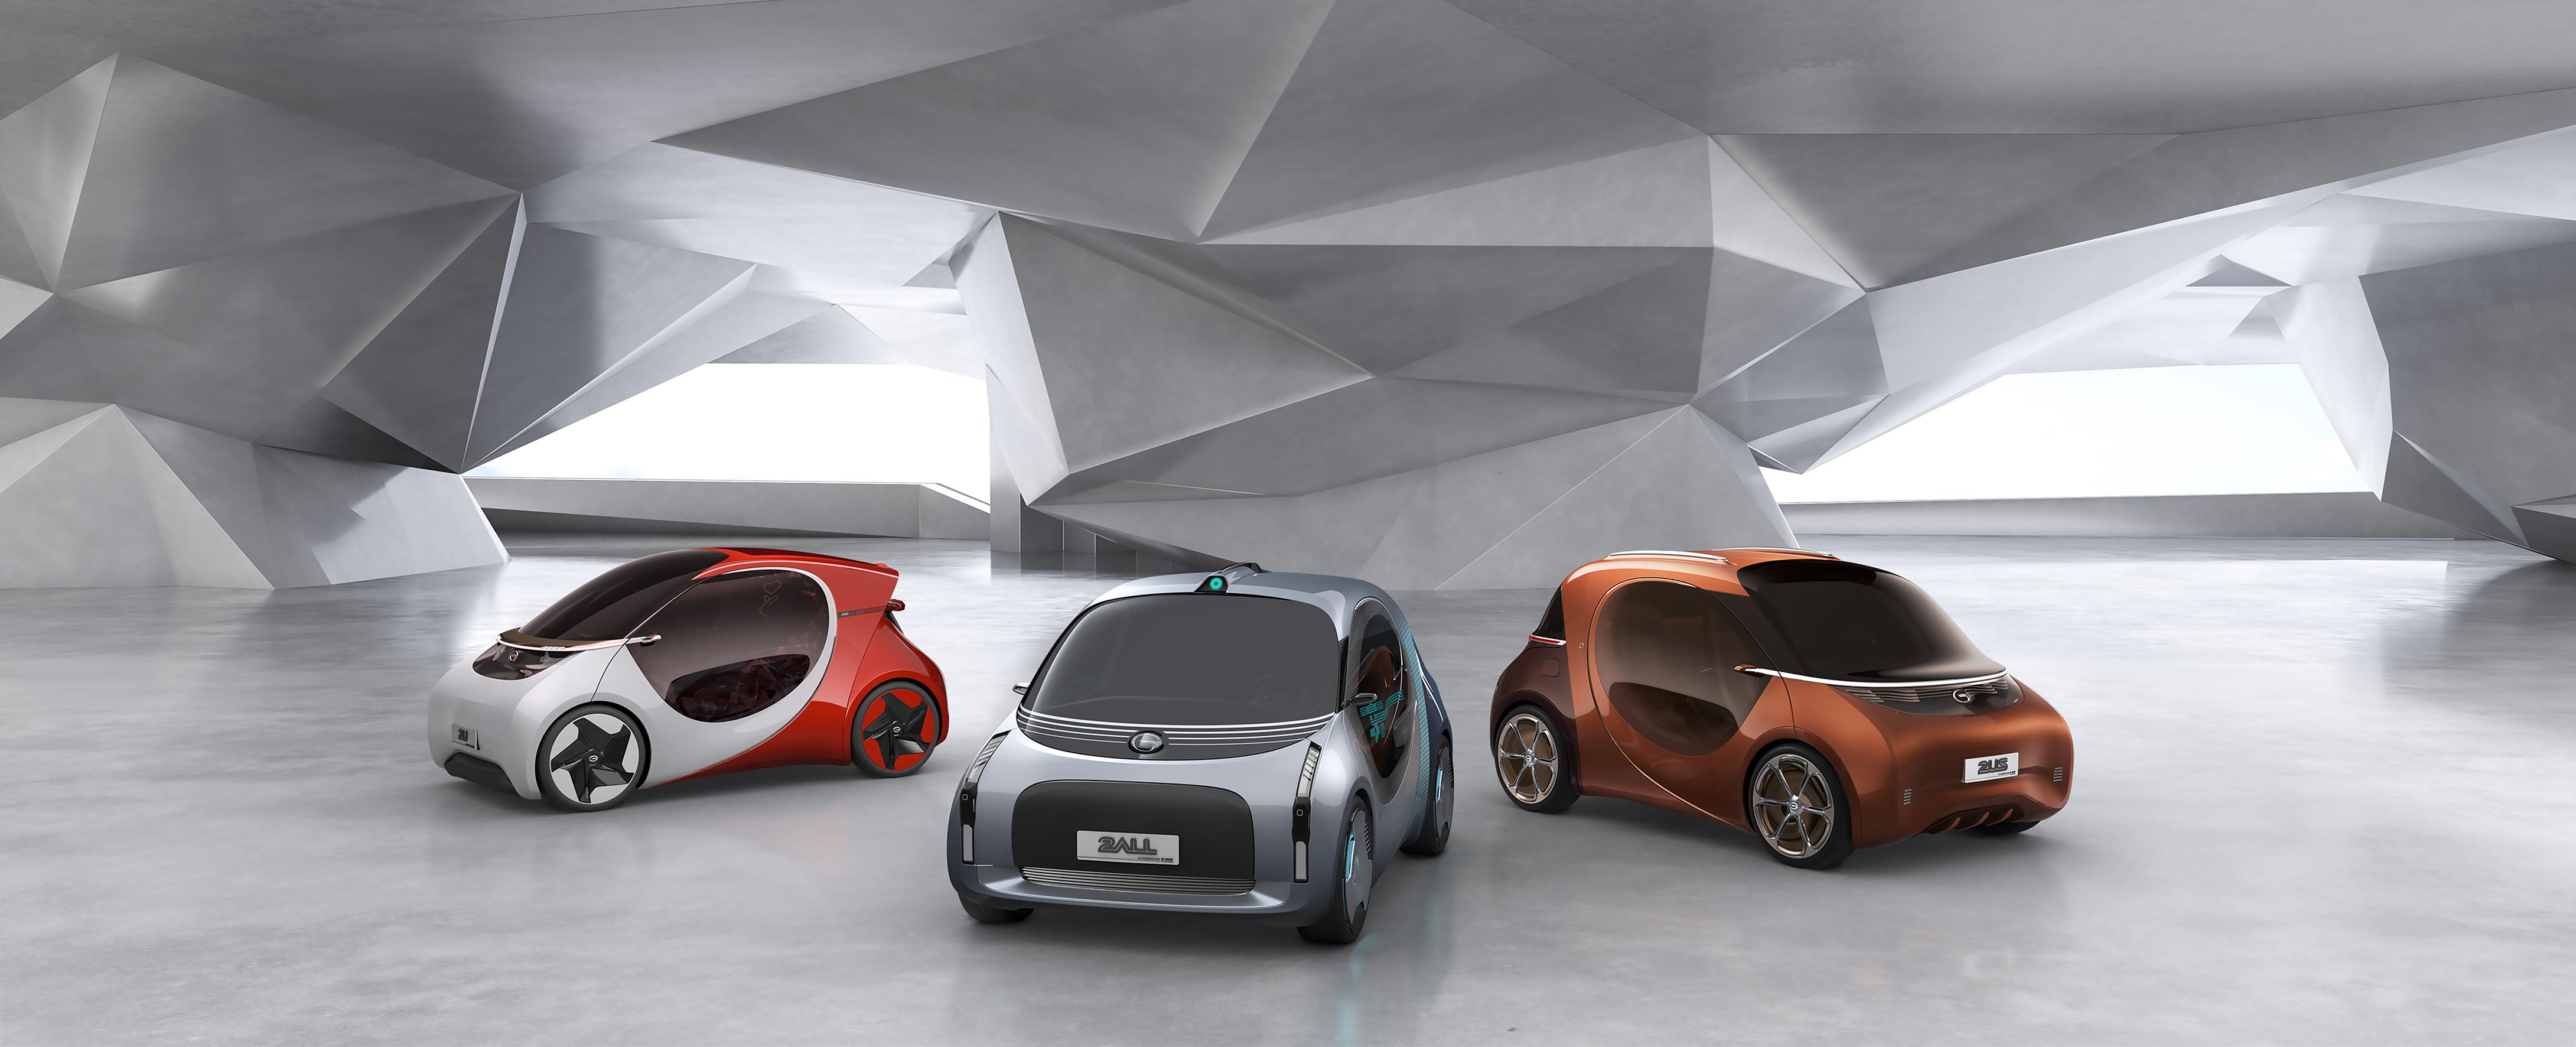 BASF ve Guangzhou Automobile'den Geleceğin Ulaşım Çözümleri İçin Yeni Konsept Otomobil